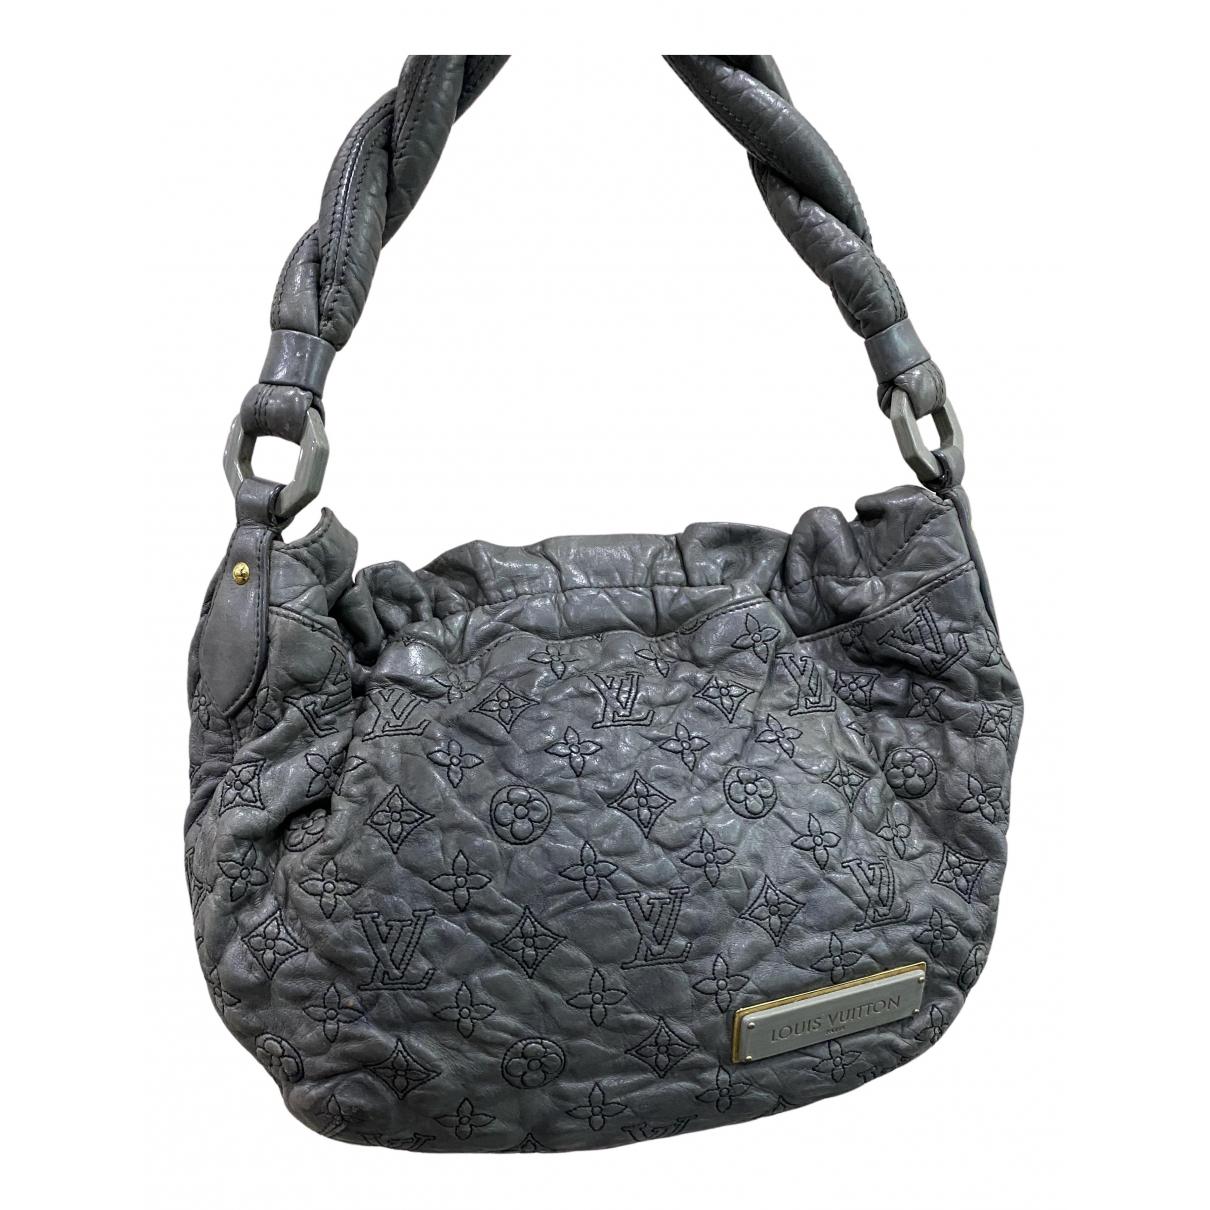 Louis Vuitton - Sac a main Olympe pour femme en cuir - gris